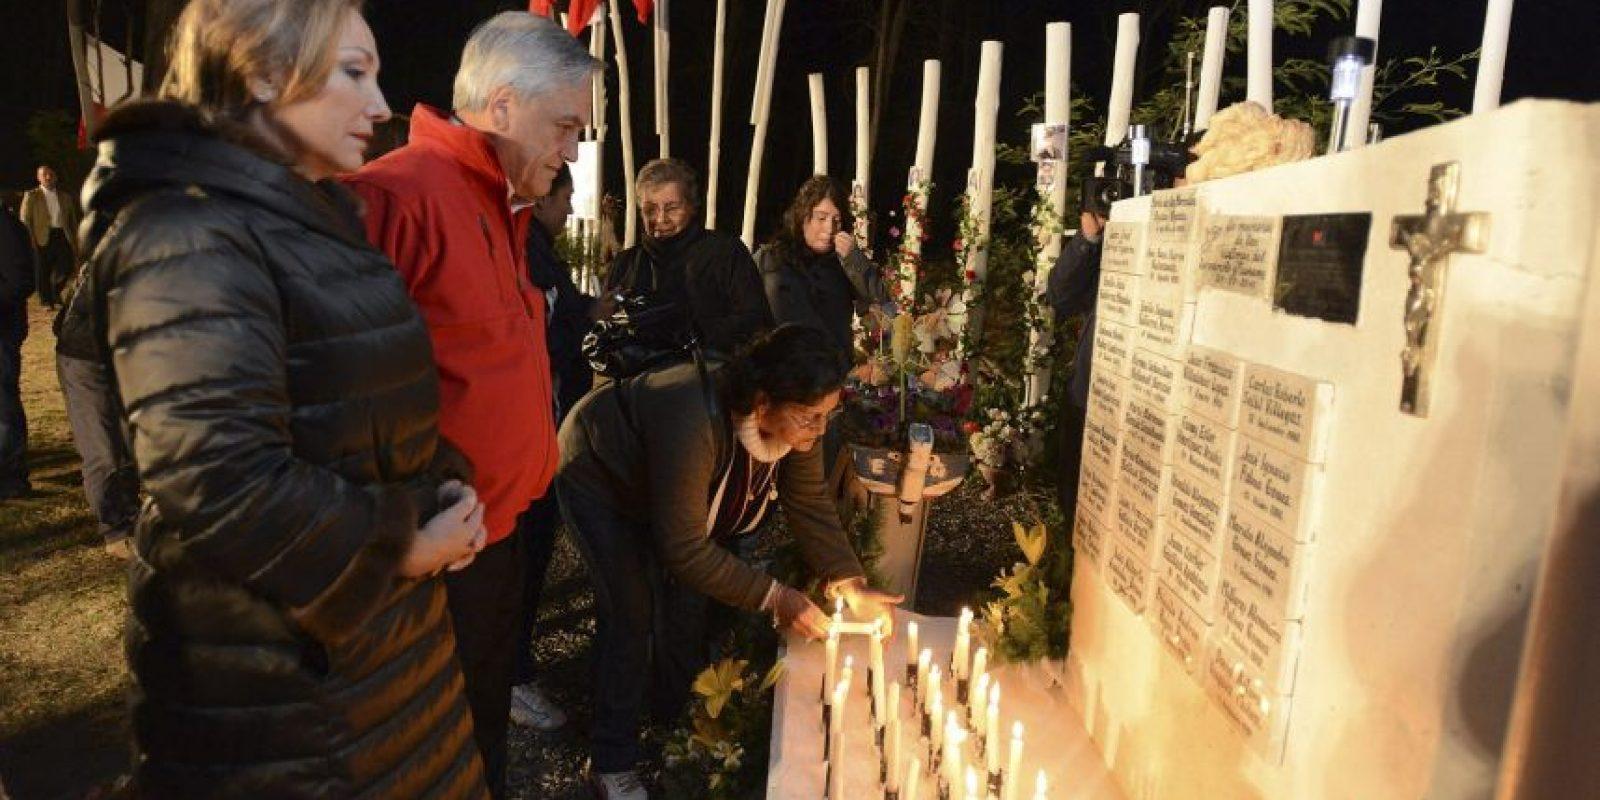 En un acto conmemorativo en el memorial en honor a las víctimas del terremoto de 2010, en la Isla Orrego, frente a la ciudad de Constitución (Chile), al cual asistió el mandatario chileno, Sebastián Piñera (c), junto a su esposa, Cecilia Morel (i). Con vigilias en lugares que fueron arrasados y algunas protestas de damnificados descontentos los chilenos recuerdan hoy el terremoto de 8,8 grados que el 27 de febrero de 2010 devastó varias regiones del país. Foto:EFE/Presidencia de Chile